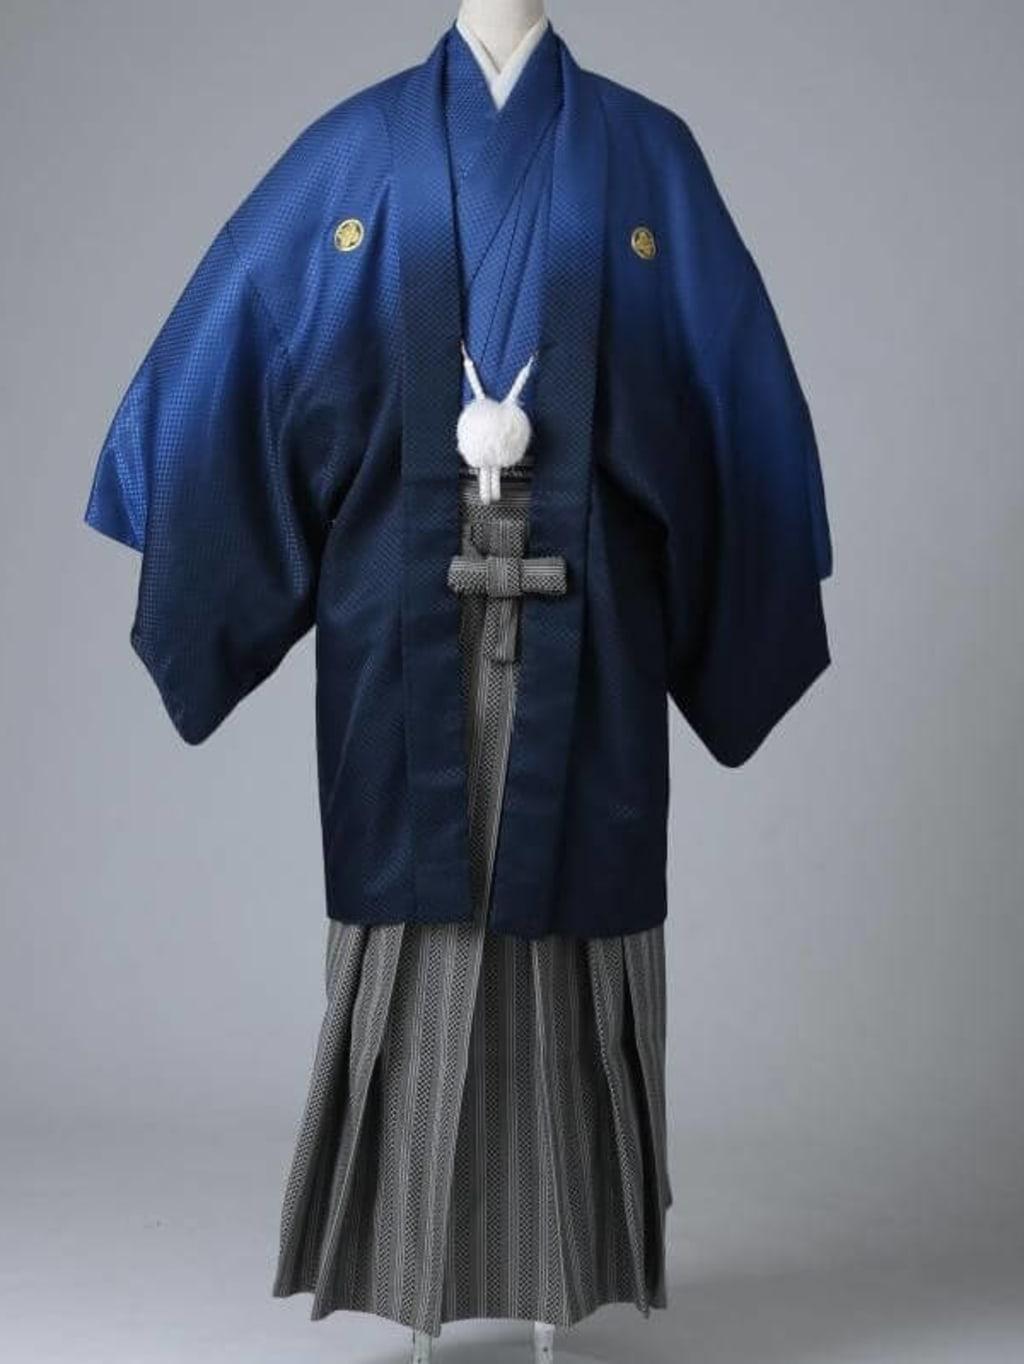 ネイビーグラデーション紋服 格子柄袴_横浜店